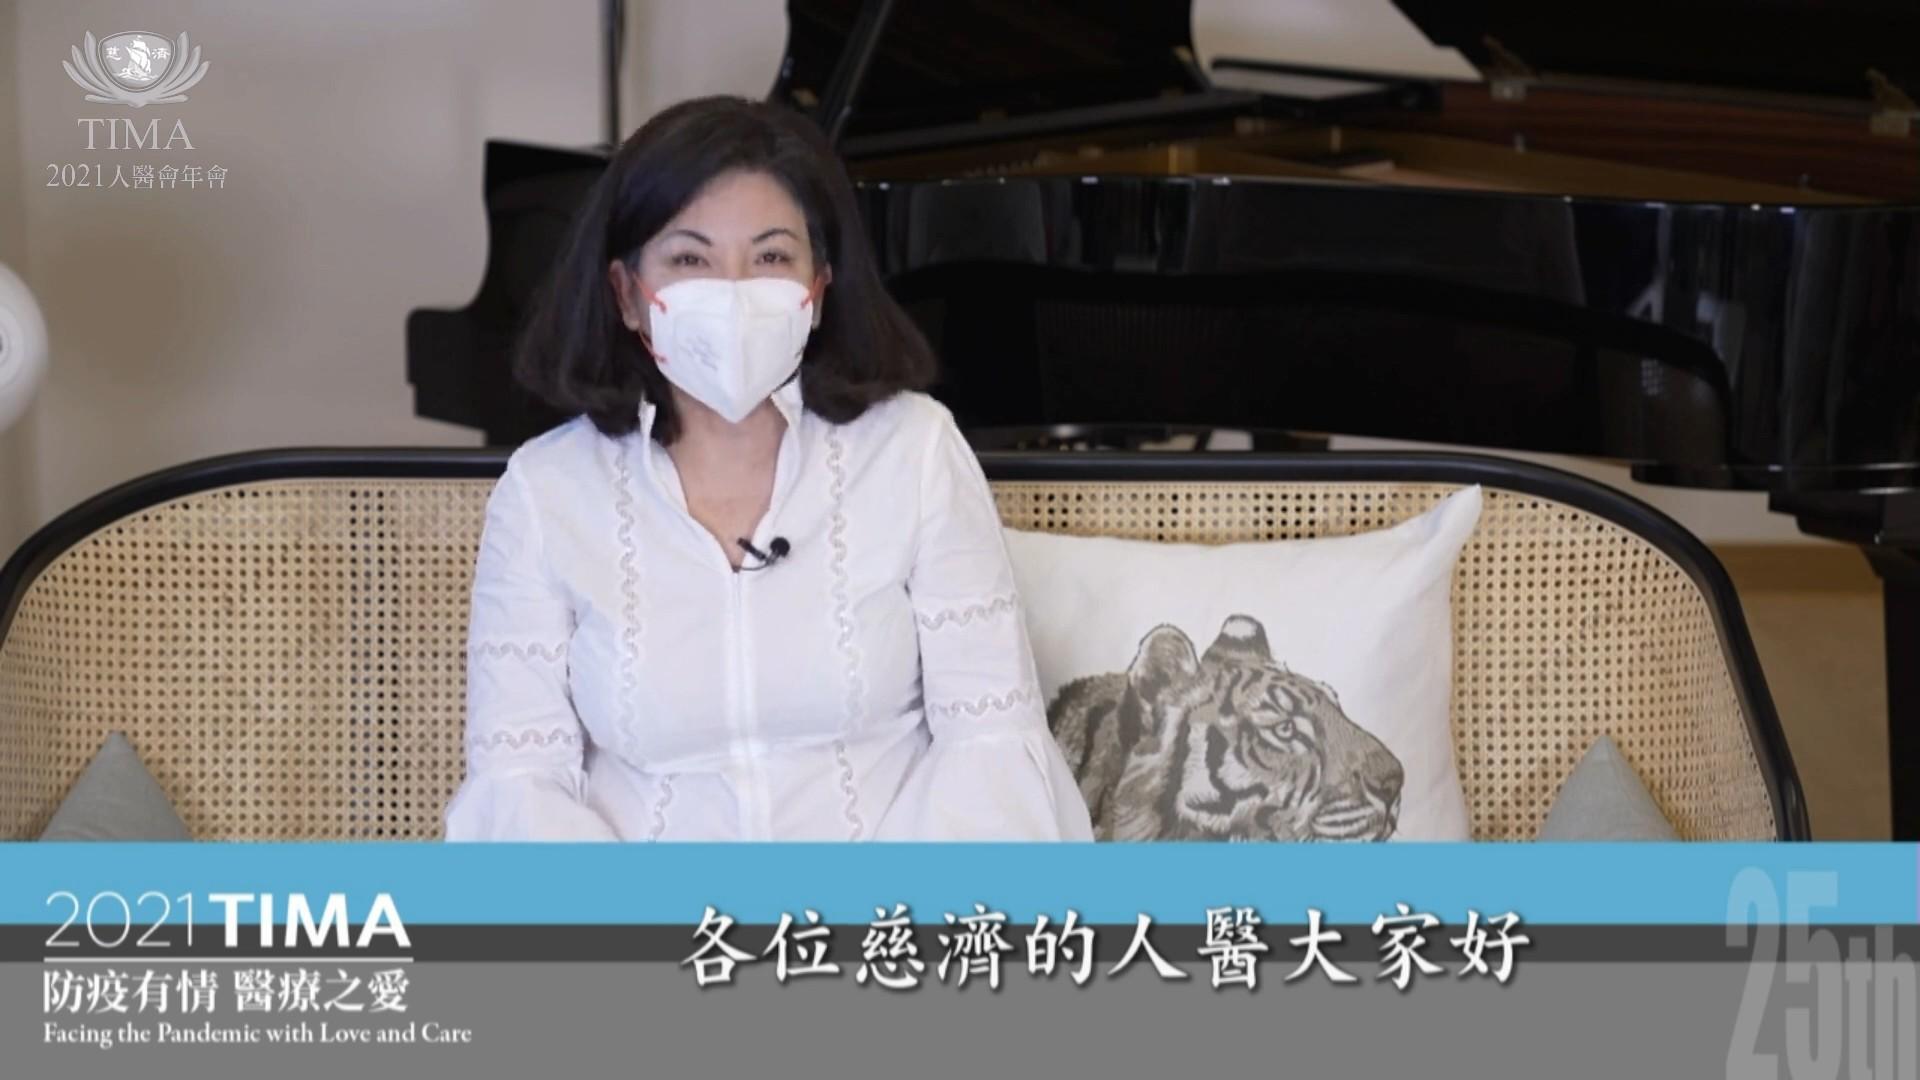 資深媒體人陳文茜則以「氣候變遷」為主題呼籲人類疼惜地球、力行環保、守護大地。